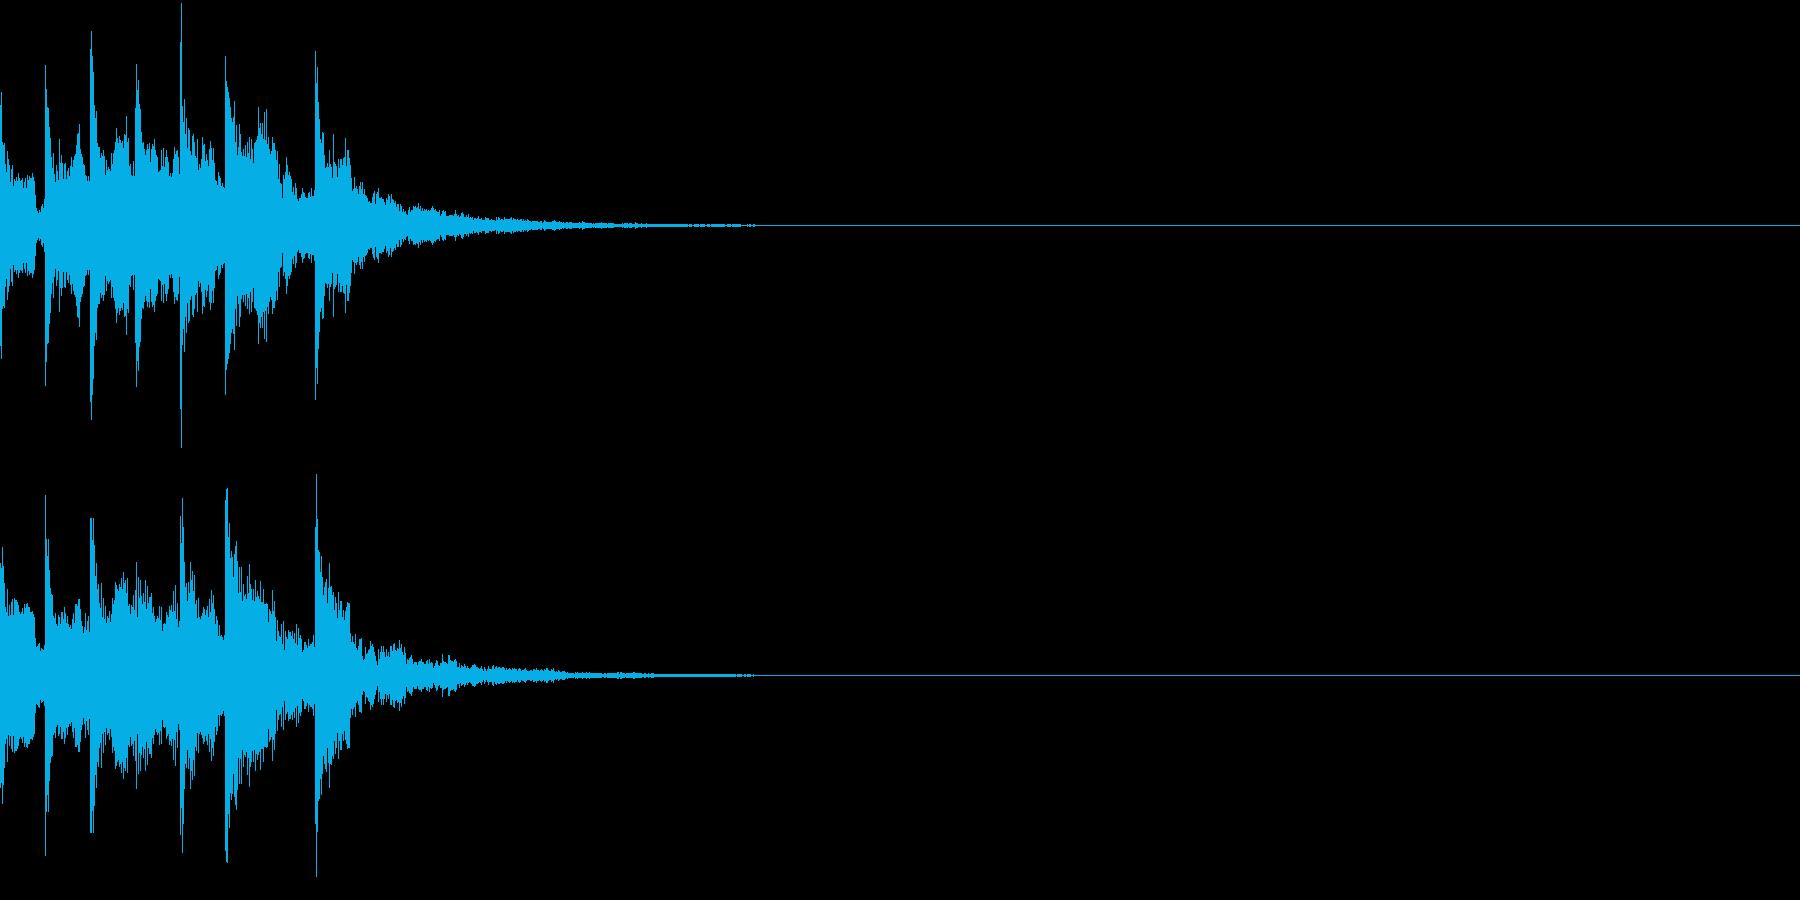 スタート アイテム 使う レベルアップ3の再生済みの波形